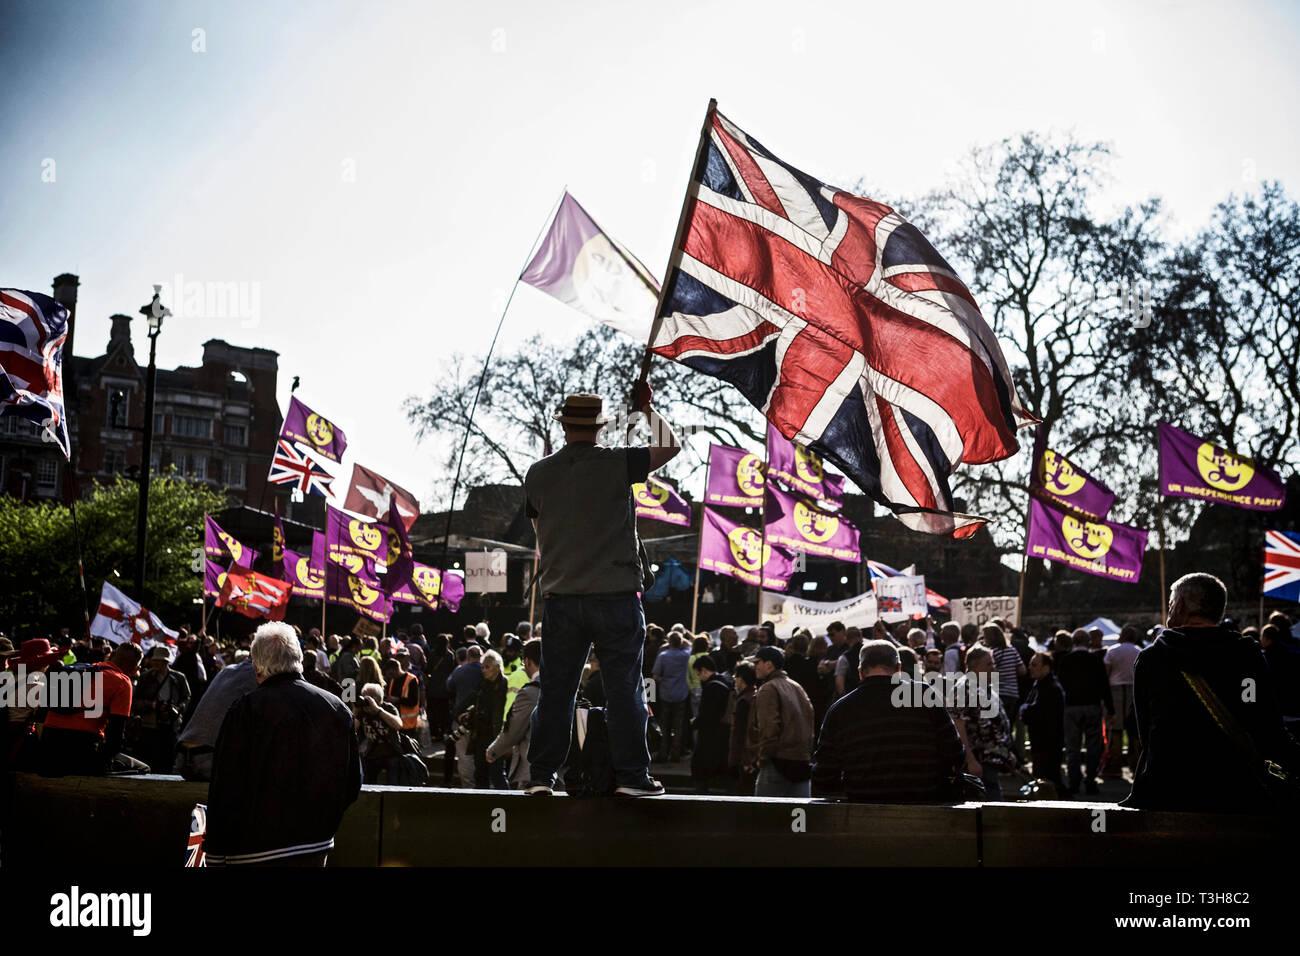 Mitin político / política británica UK / protesta política - el manifestante sosteniendo una bandera en una marcha pacífica en pro Brexit rally el 29 de marzo, día Brexit 2019 Imagen De Stock